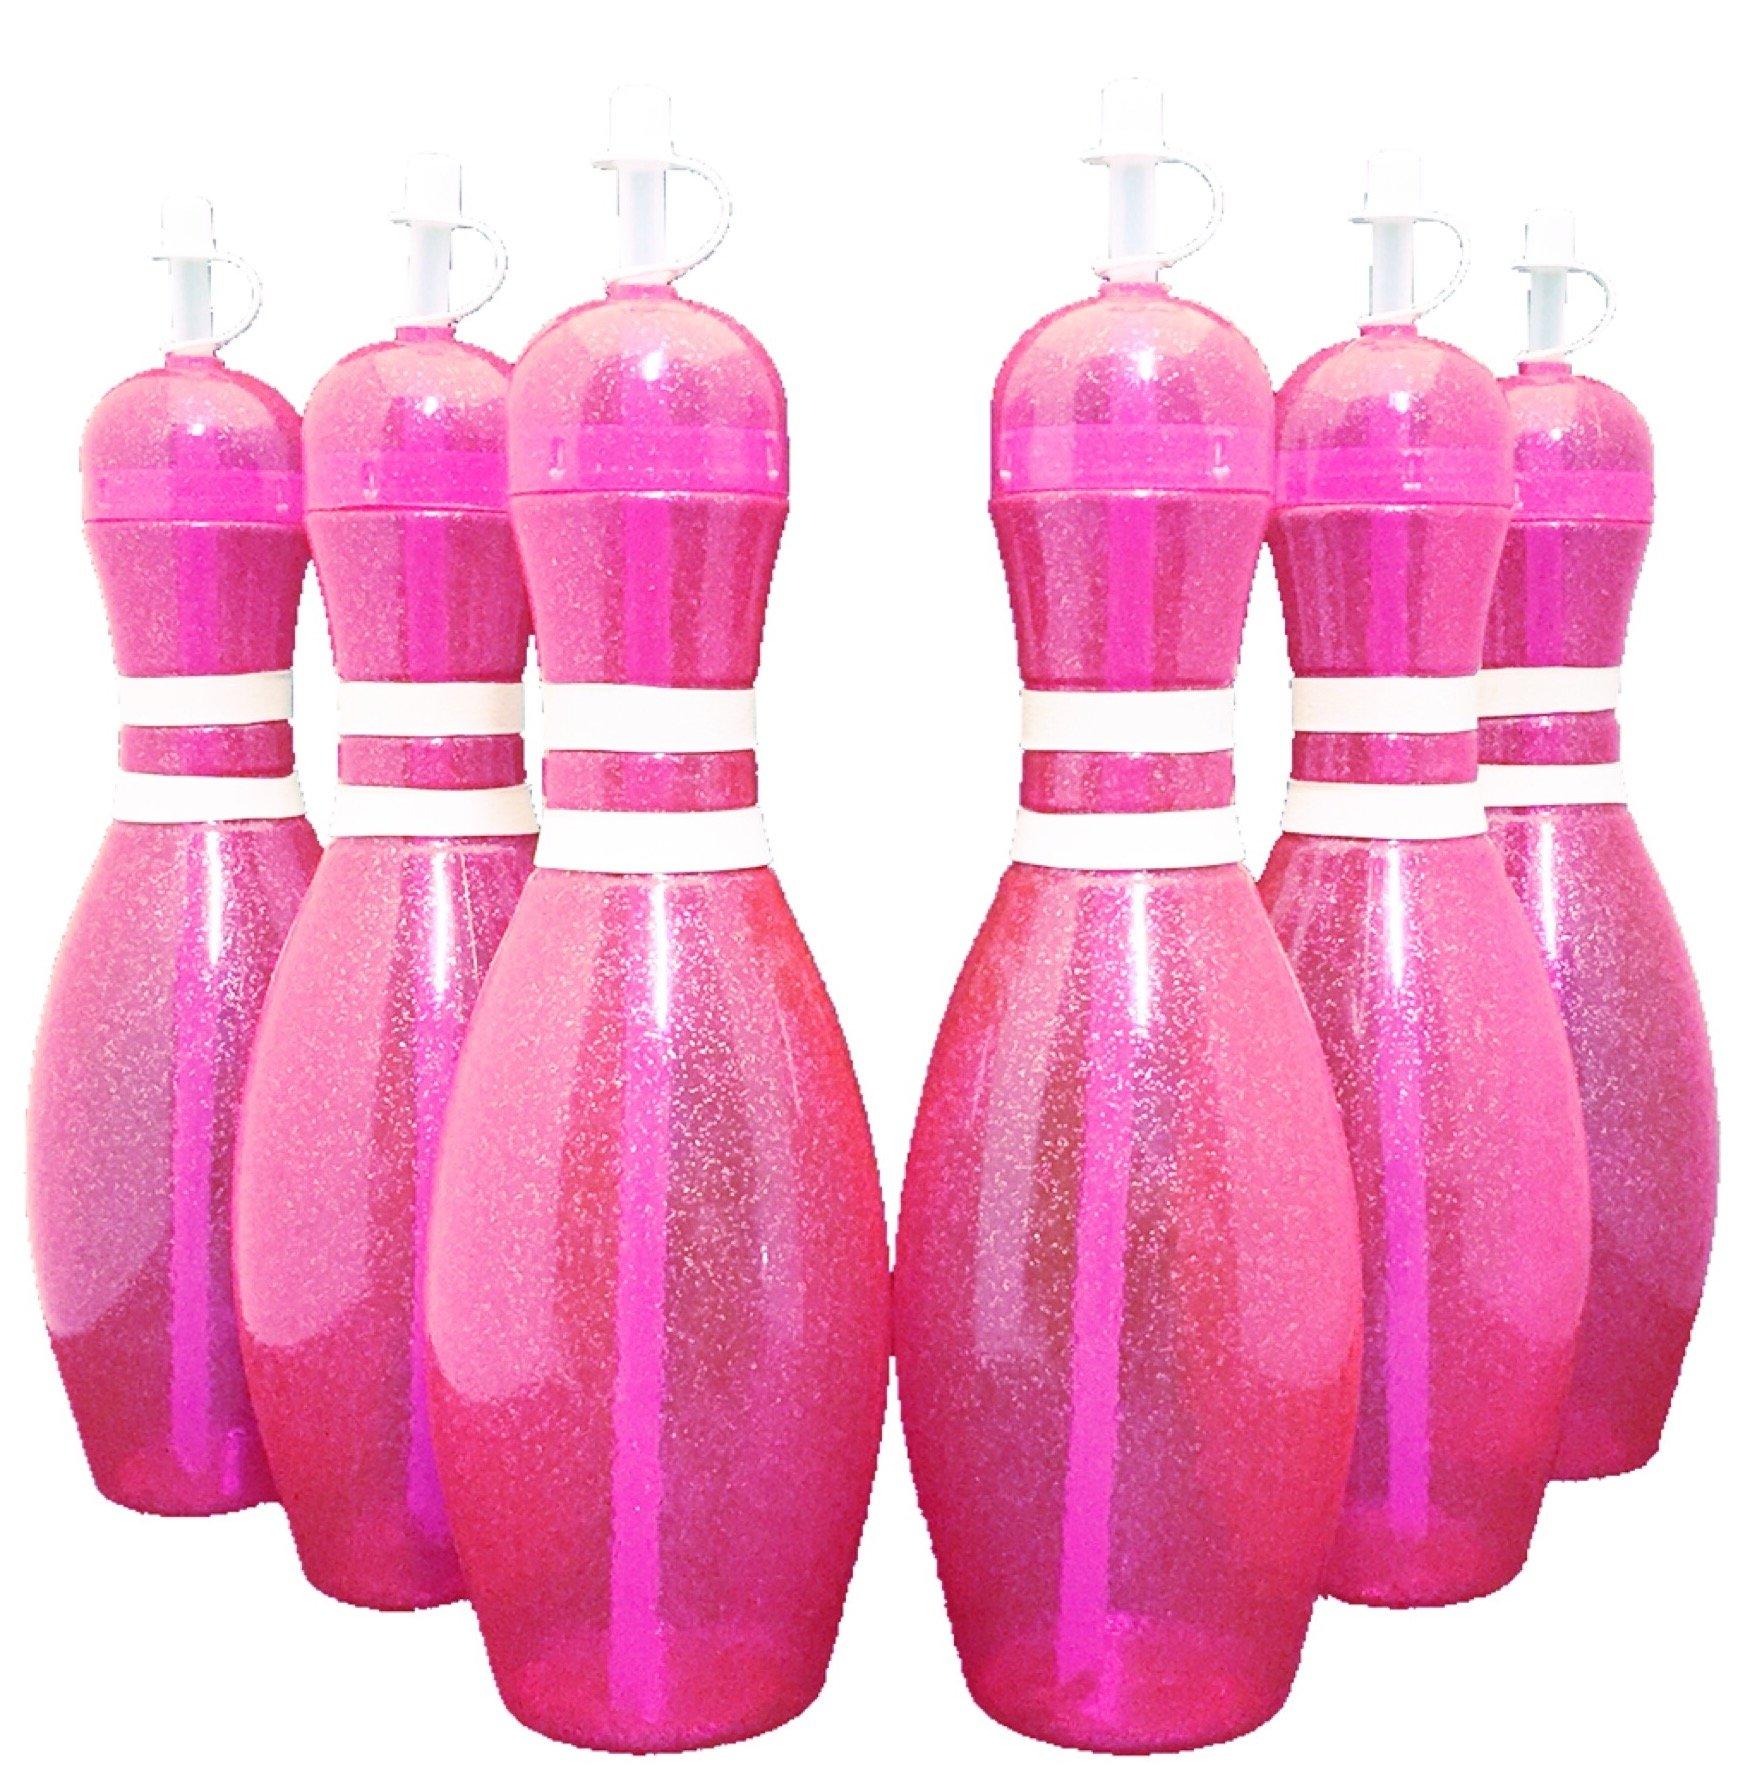 Large Bowling Pin Water Bottles Pink - 6 Pack